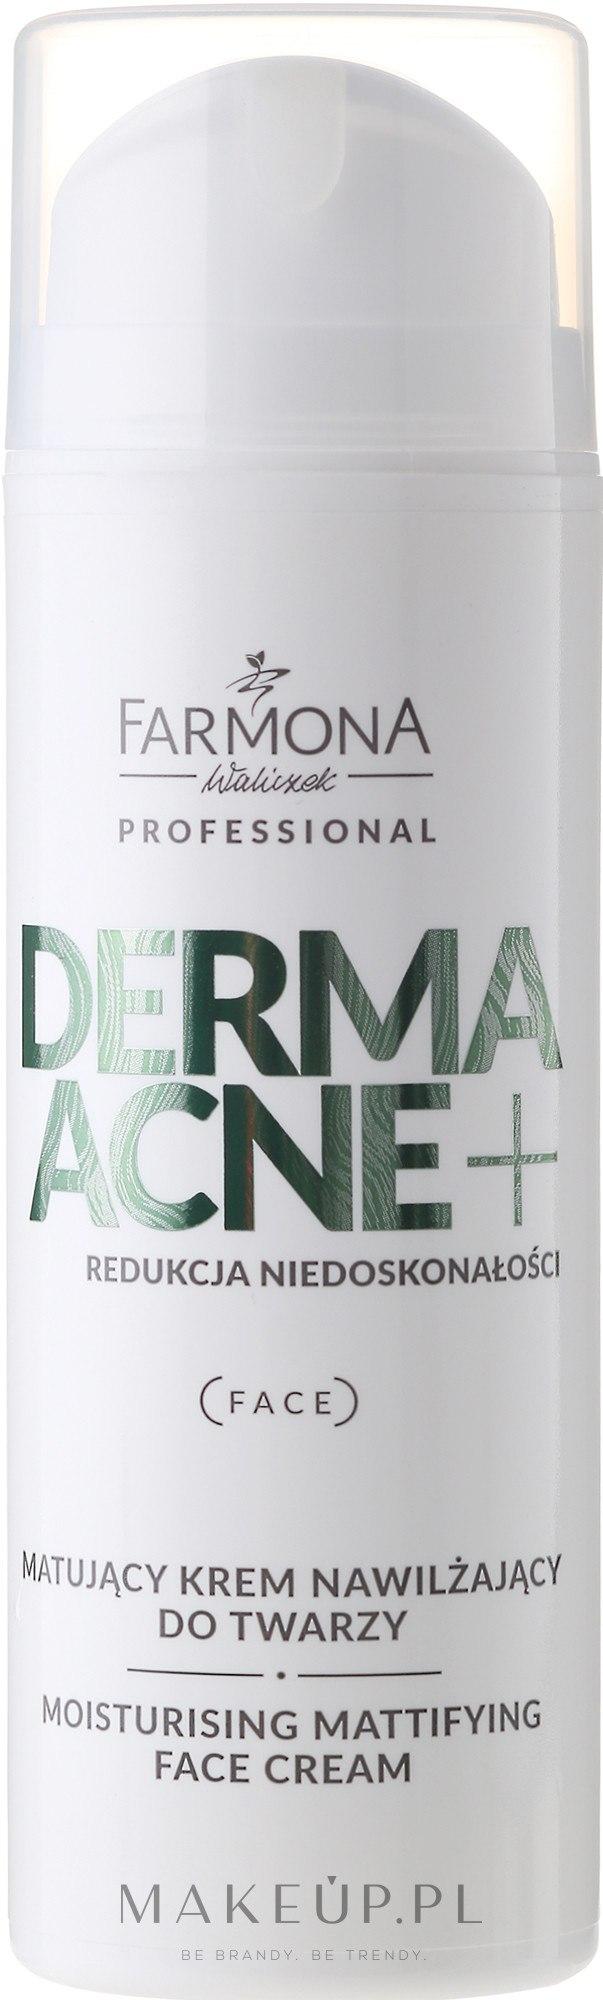 Matujący krem nawilżający do twarzy z kwasami AHA - Farmona Professional Dermaacne+ — фото 150 ml